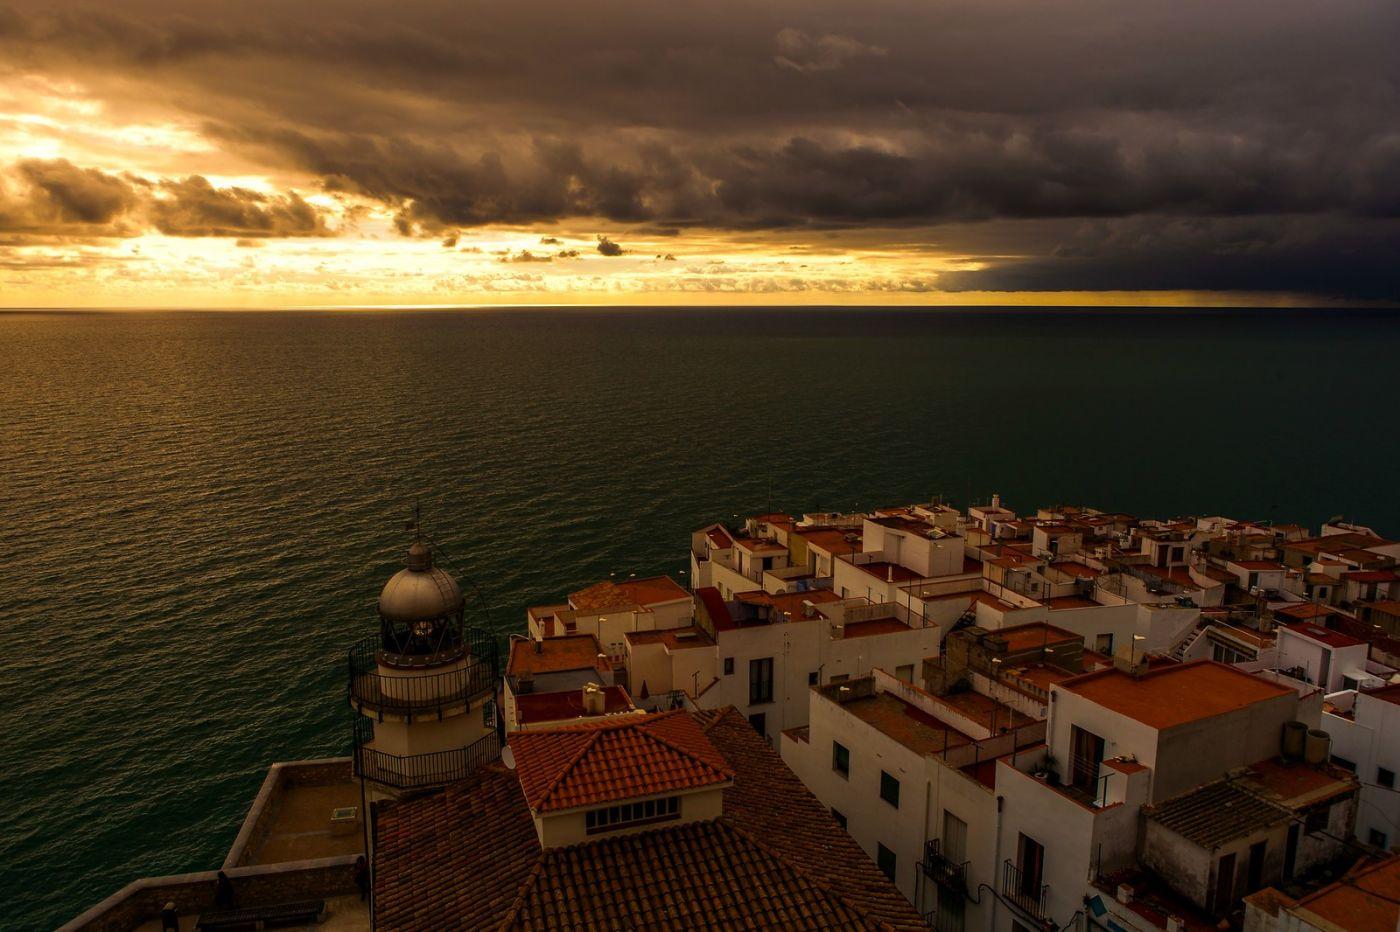 西班牙佩尼伊斯科拉(Peniscola),海边的景色令人神往_图1-10